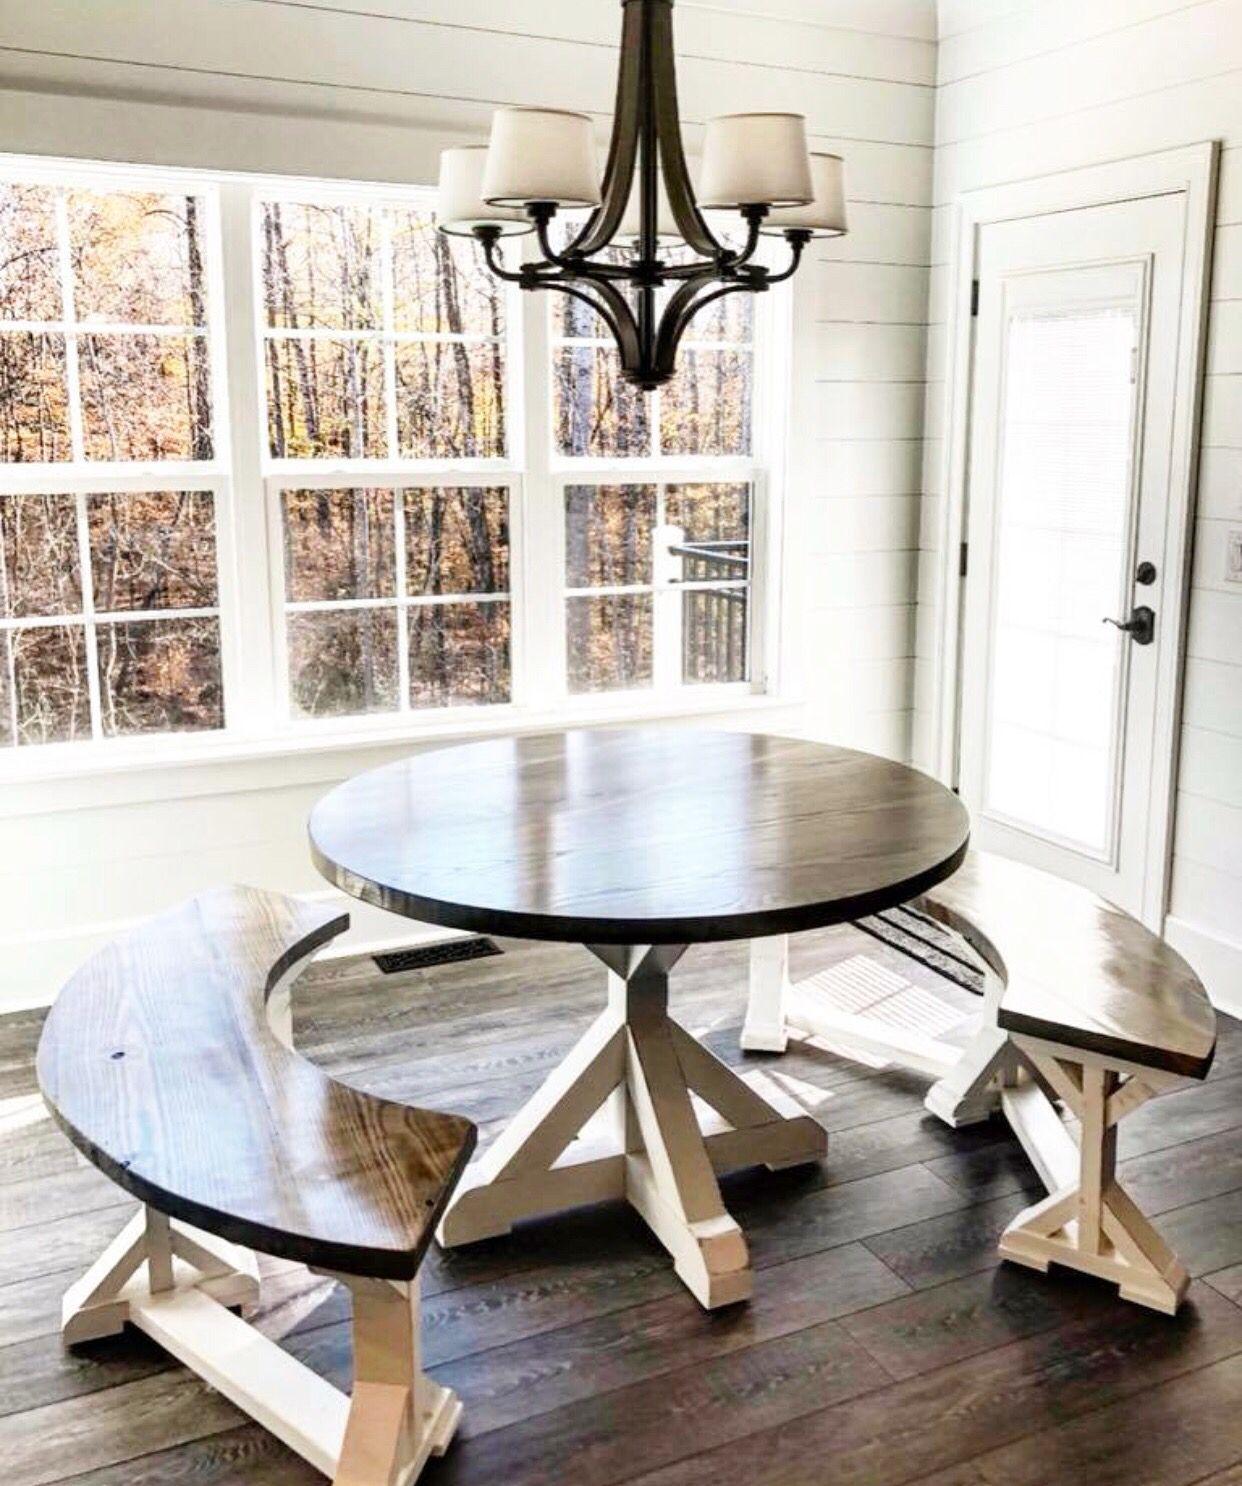 Farmhouse Breakfast Nook Table Farmhouse Dining Room Circle Dining Table Dining Table With Bench